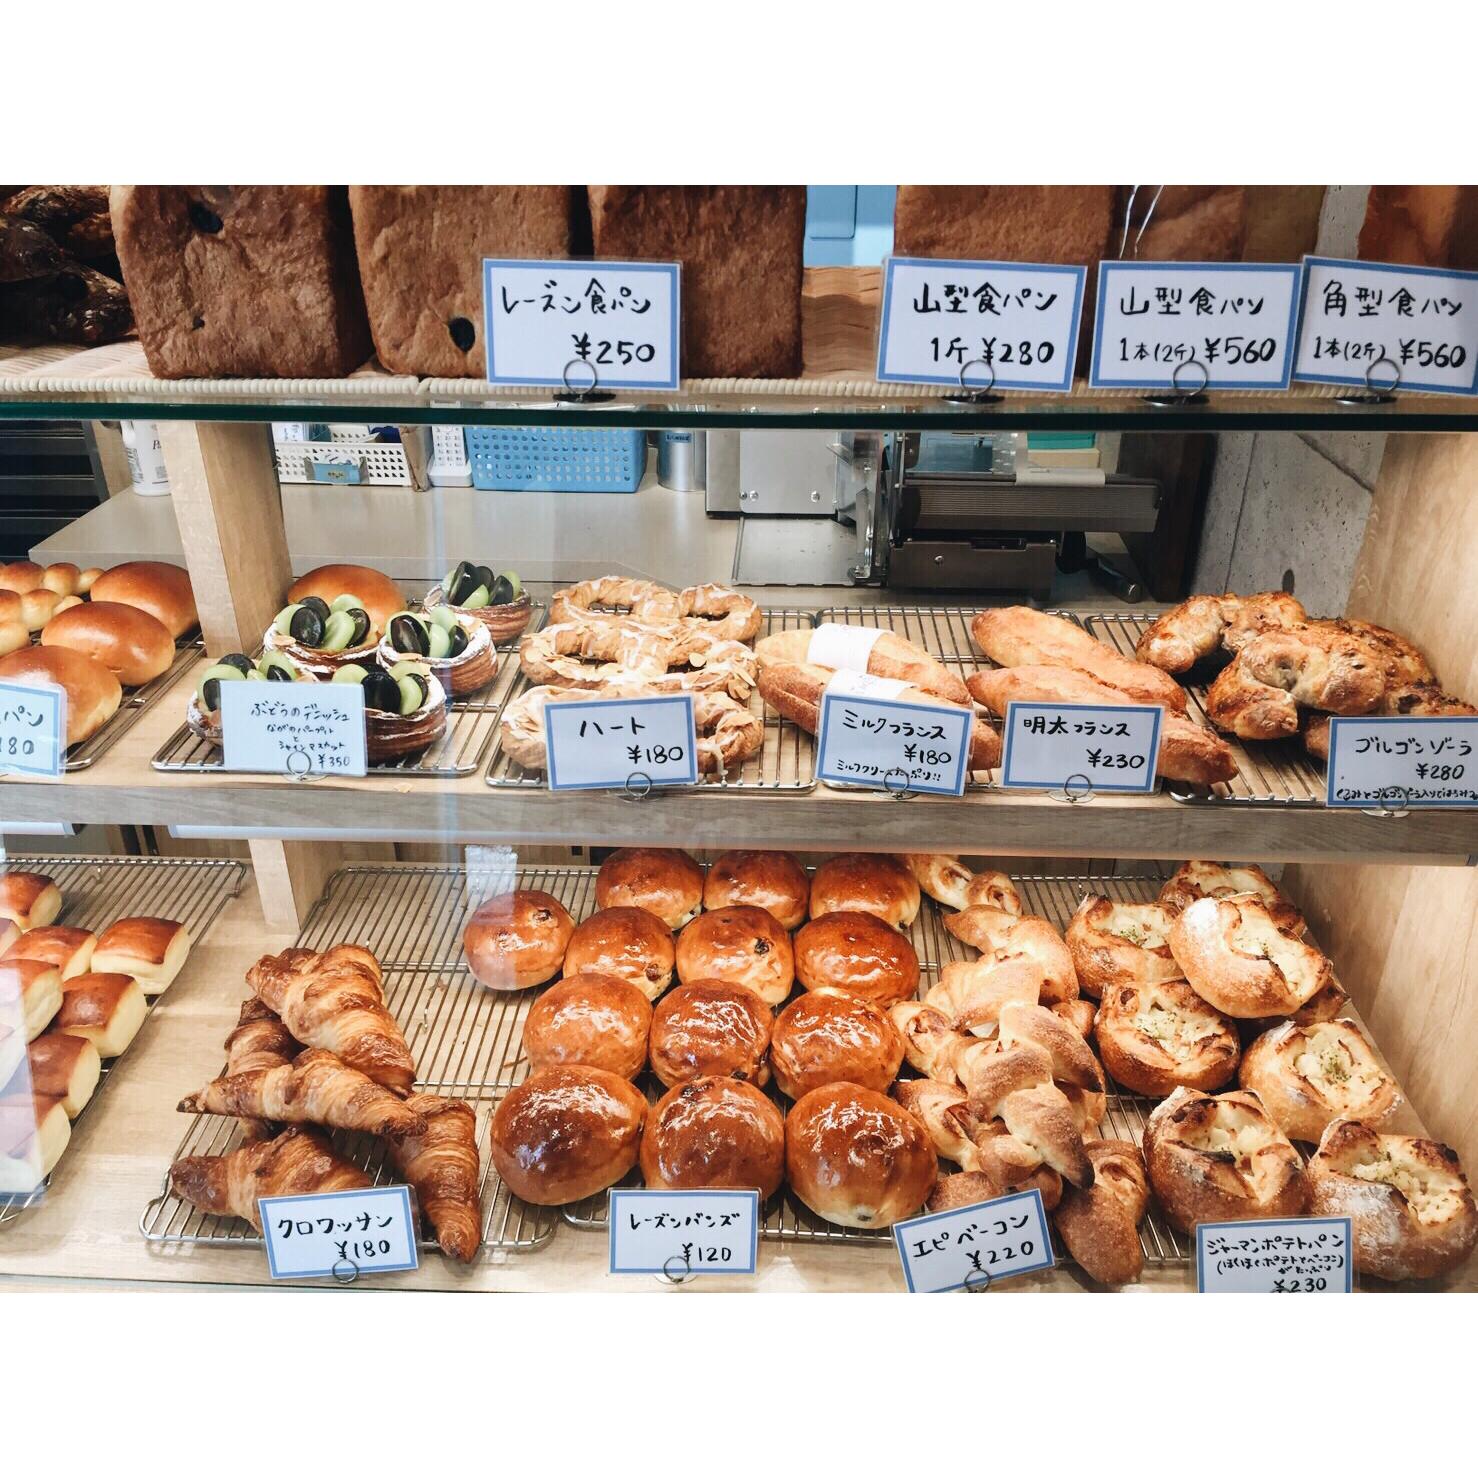 本日のパン棚(2016.09.07)   OPAN オパン 東京 笹塚のパン屋